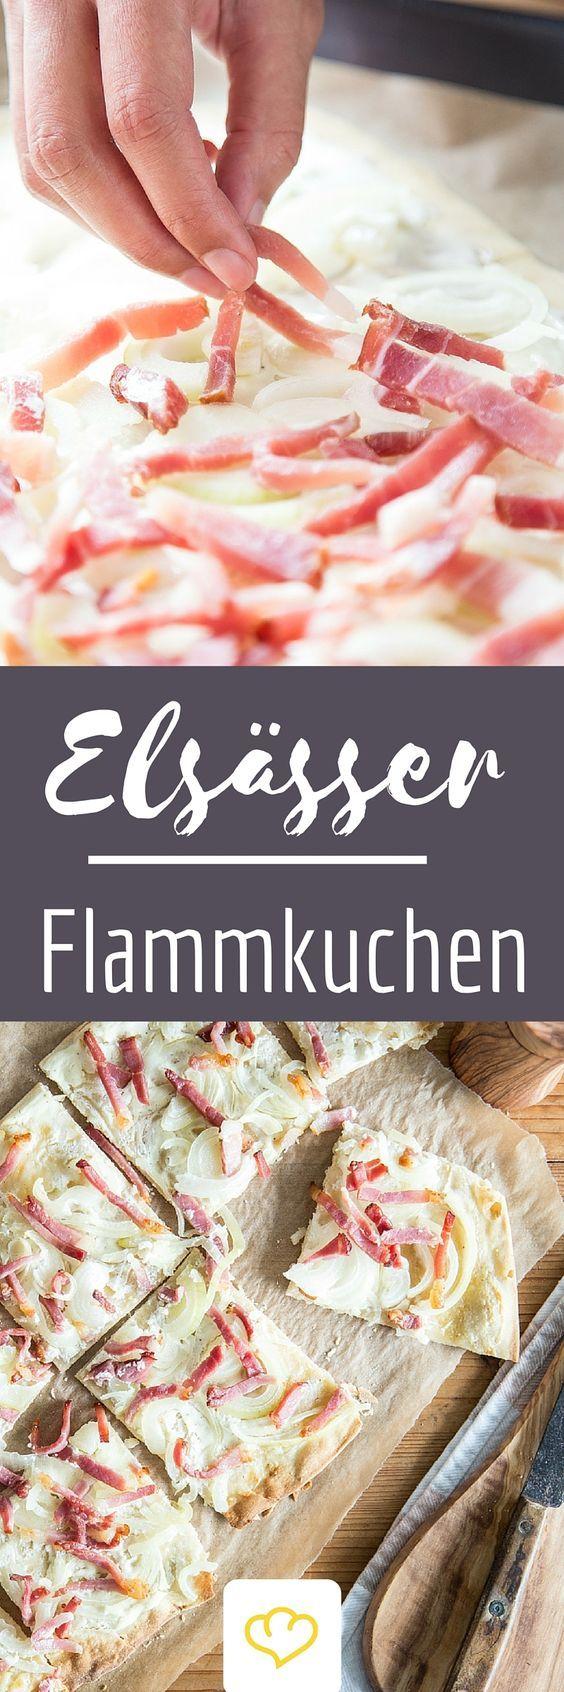 Nie wieder Flammkuchen aus der Tiefkühltruhe! Das leckere Elsässer Original mit Schmand, Speck und Zwiebeln lässt sich zuhause ganz einfach frisch selber machen!